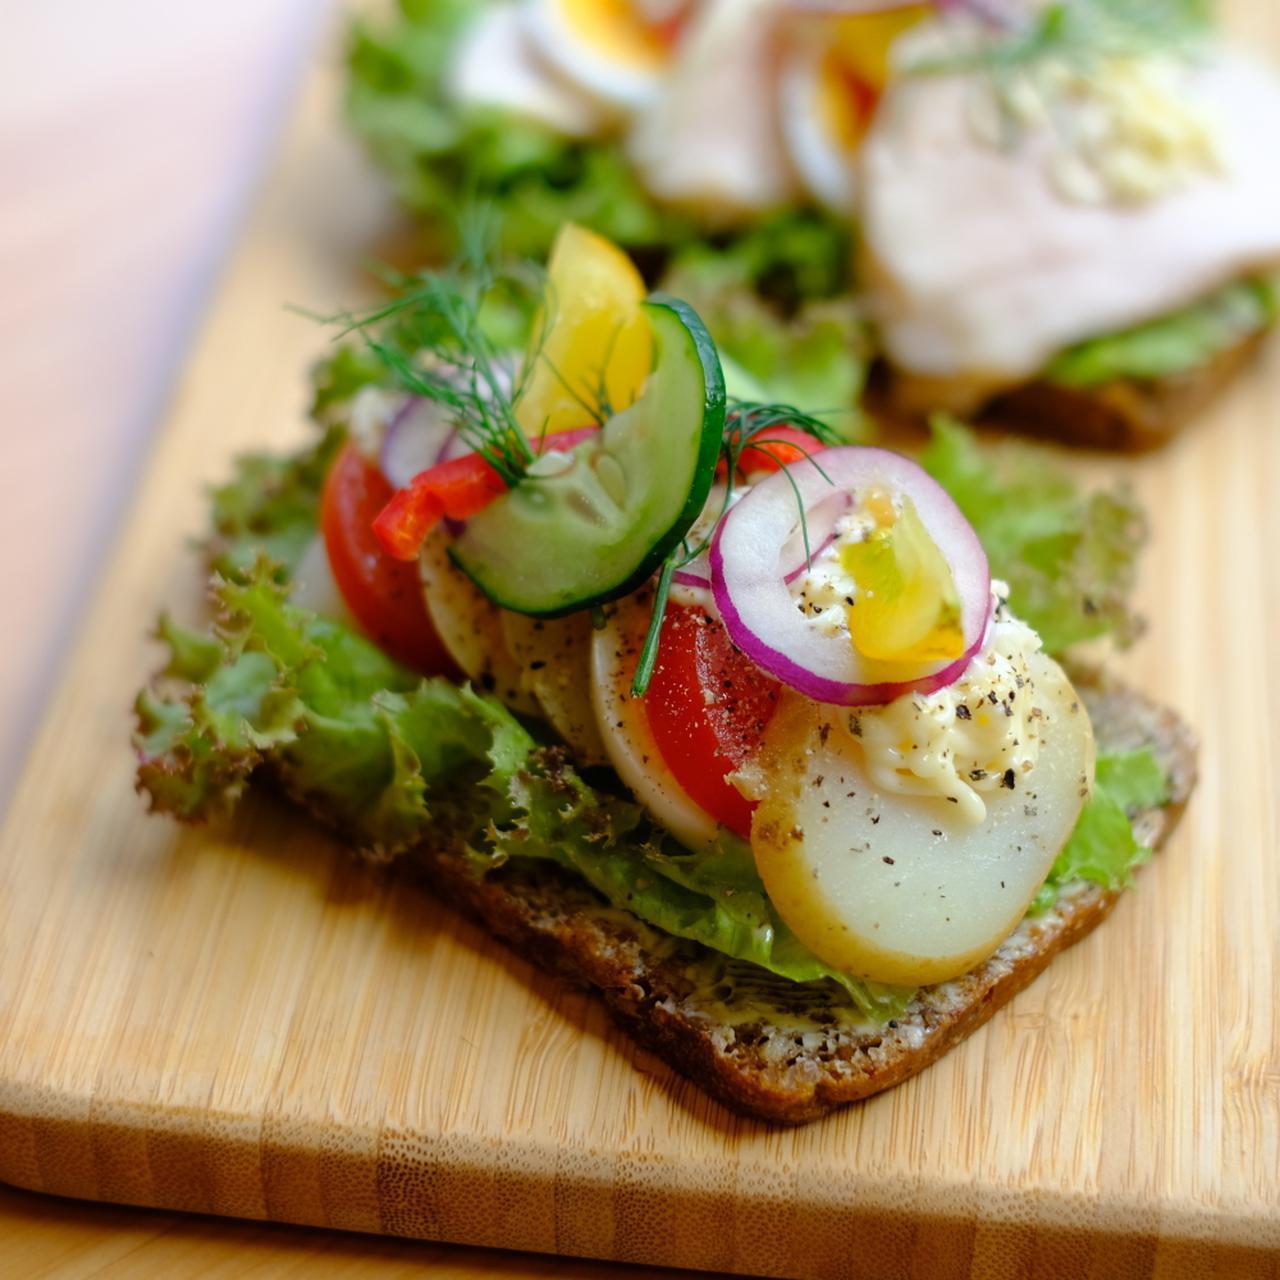 画像: まるでパーティー料理と見まごうような、華やかで手の込んだ料理のように見えますよね。実はこれ、デンマークの伝統料理、「スモーブロー」と呼ばれるソウルフードなのです。